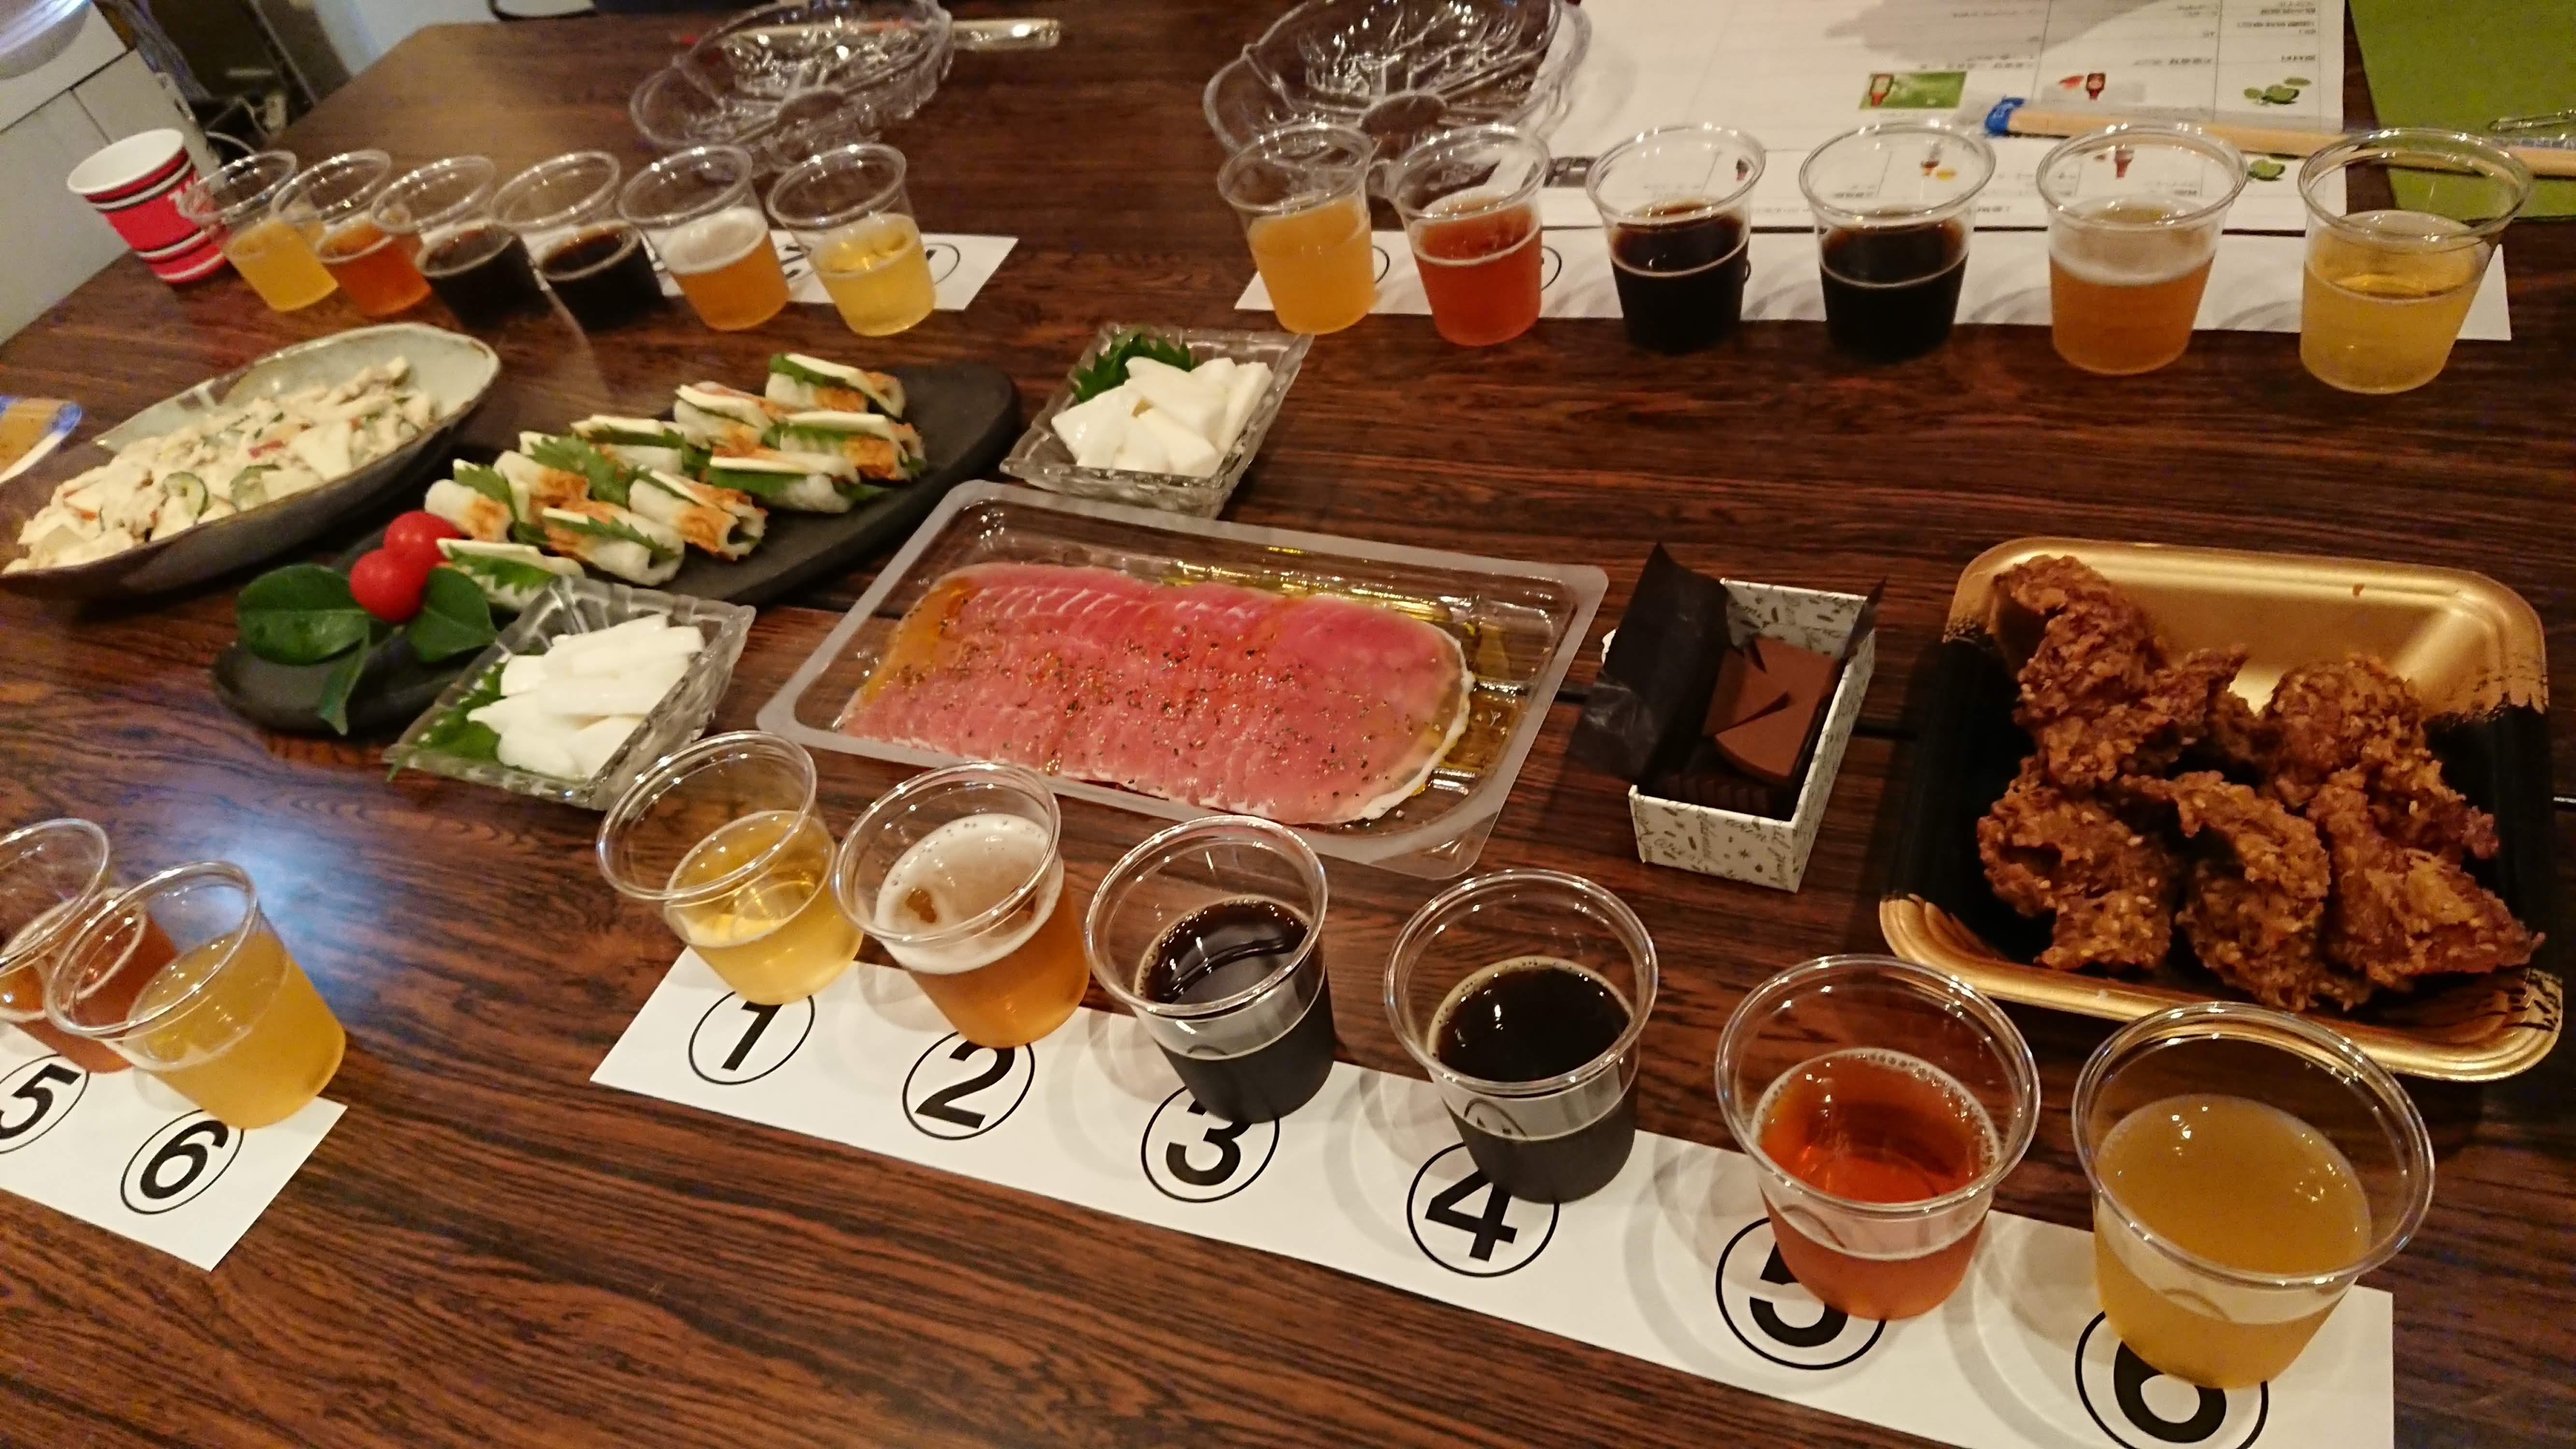 6種のクラフトビールとおつまみ